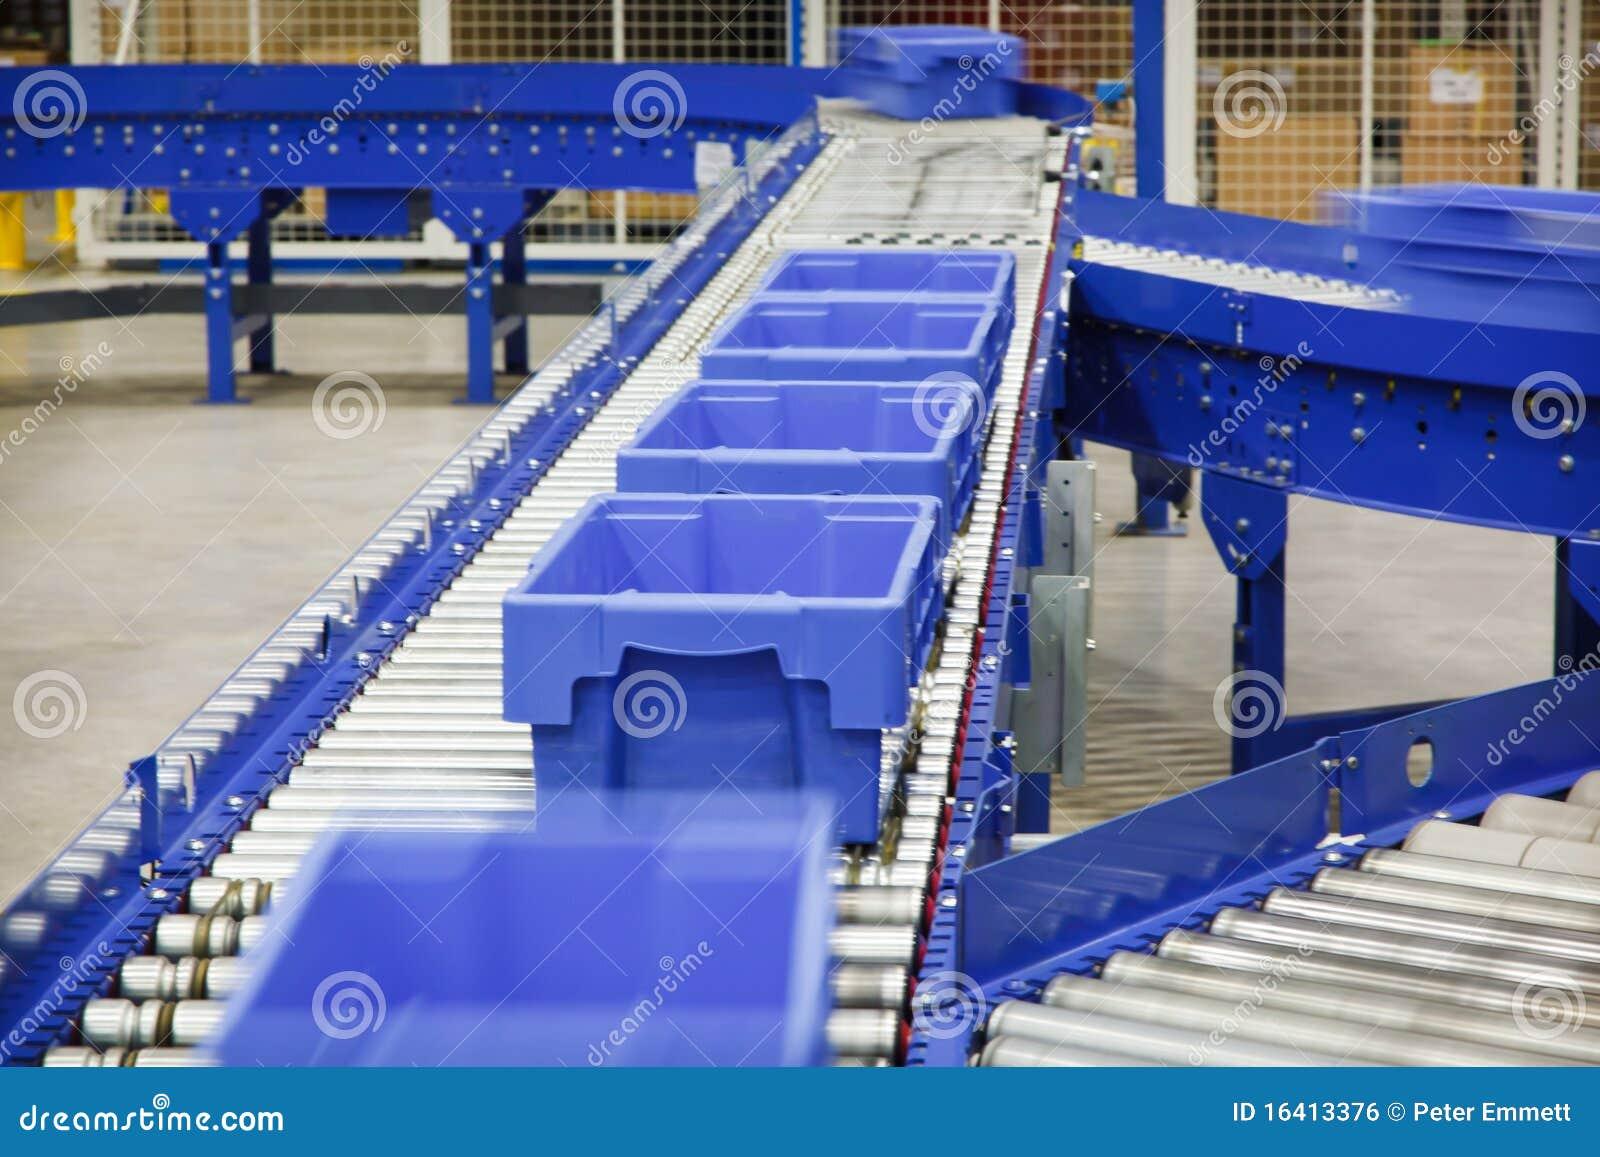 Emballages sur une bande de conveyeur